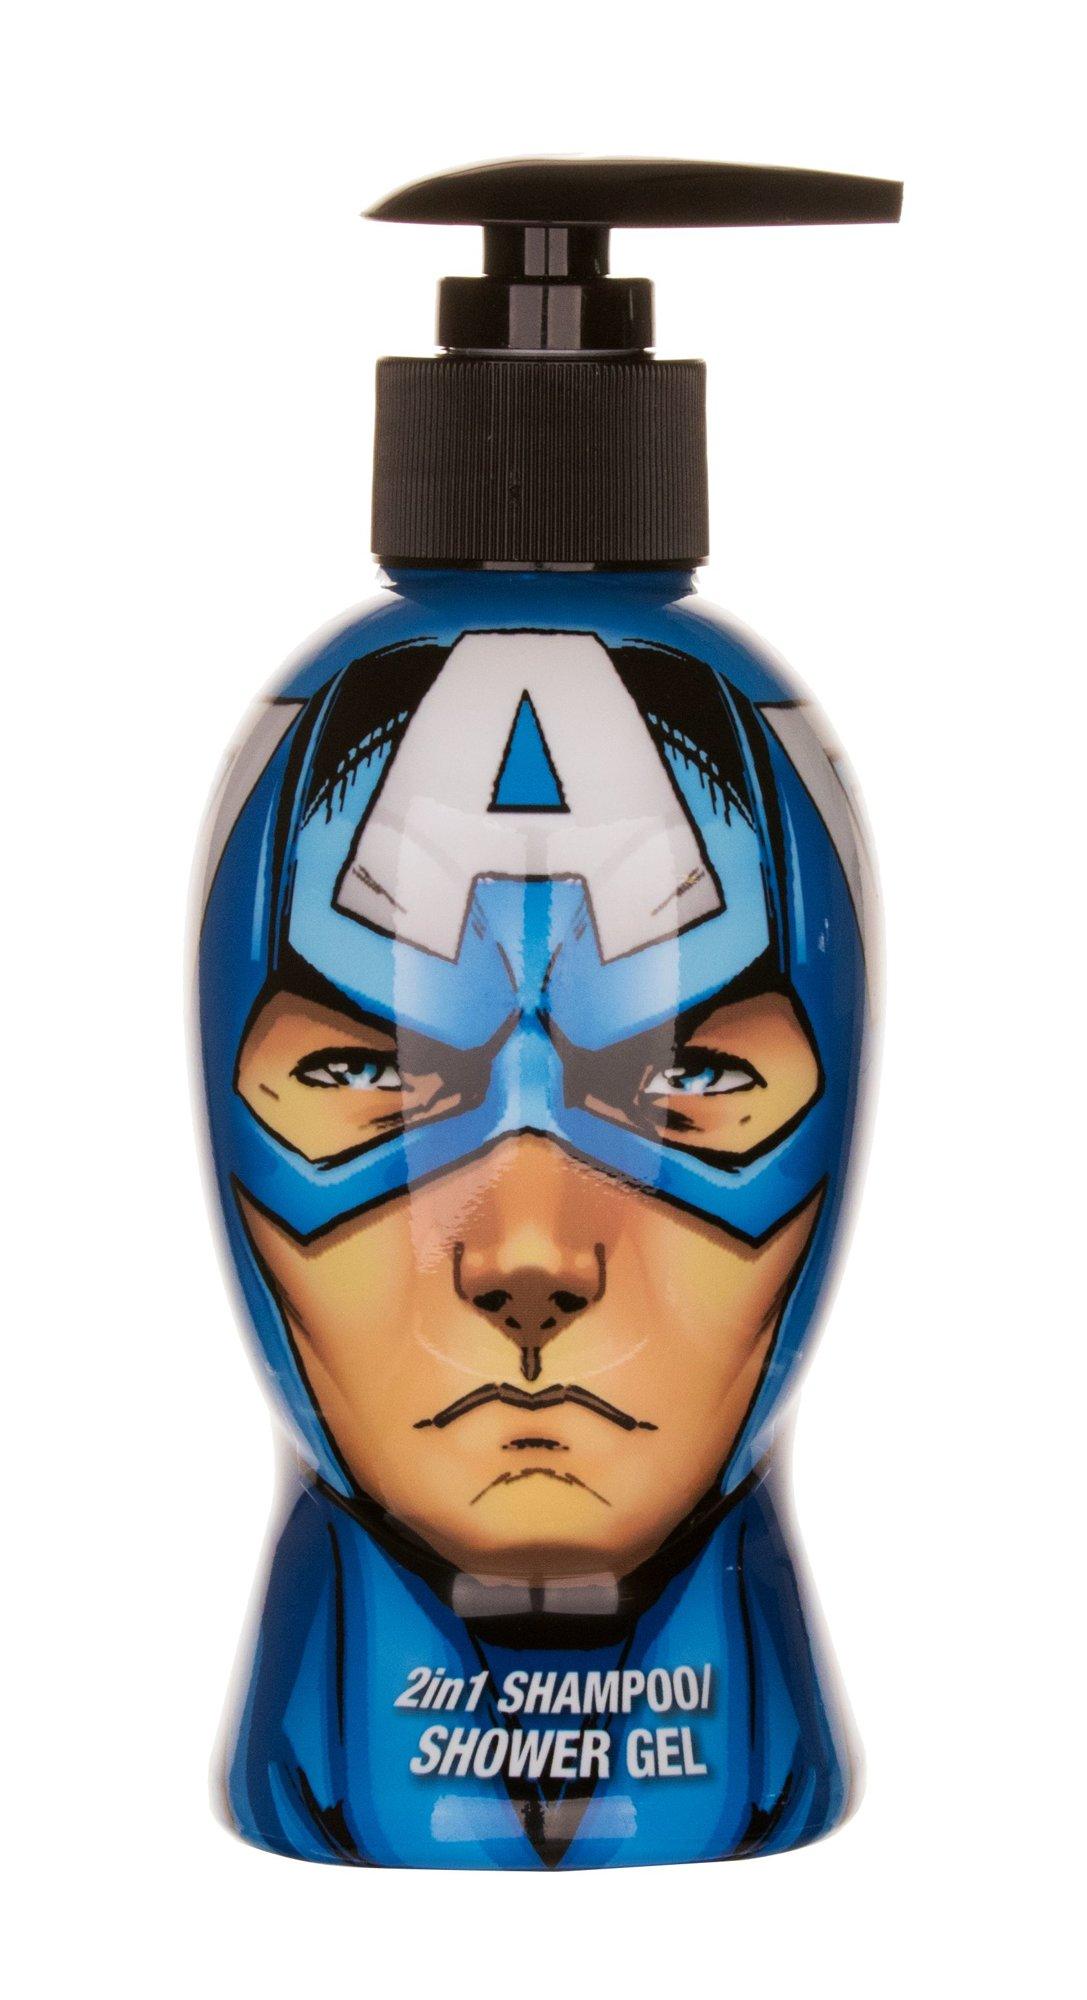 Marvel Avengers Captain America Shower gel 300ml